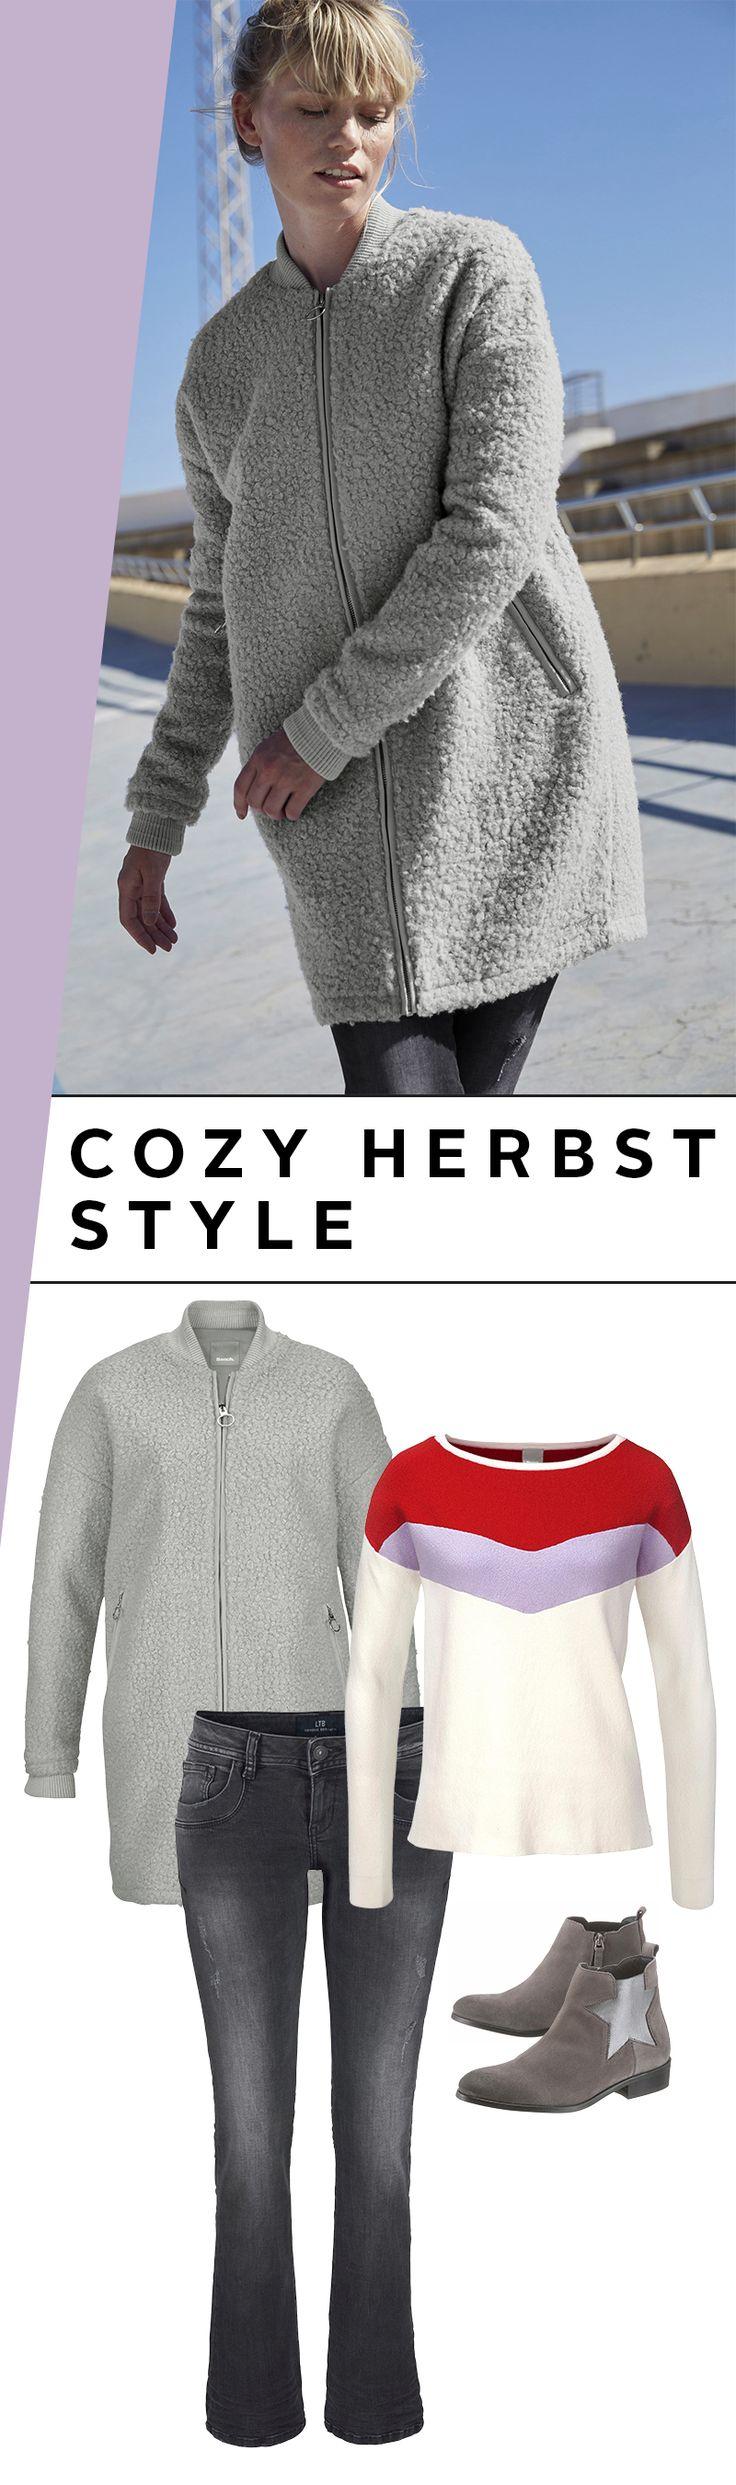 Mit diesem wunderschönen und unfassbar gemütlichen Outfit darf ein Herbstspaziergang gerne den ganzen Tag dauern. Hero ist der Kurzmantel von Bench in der Teddyplüsch-Optik und den coolen Bomberjackendetails. Drunter trägst du den Rundhalspullover im Retrolook und eine Jeans mit Schlag.